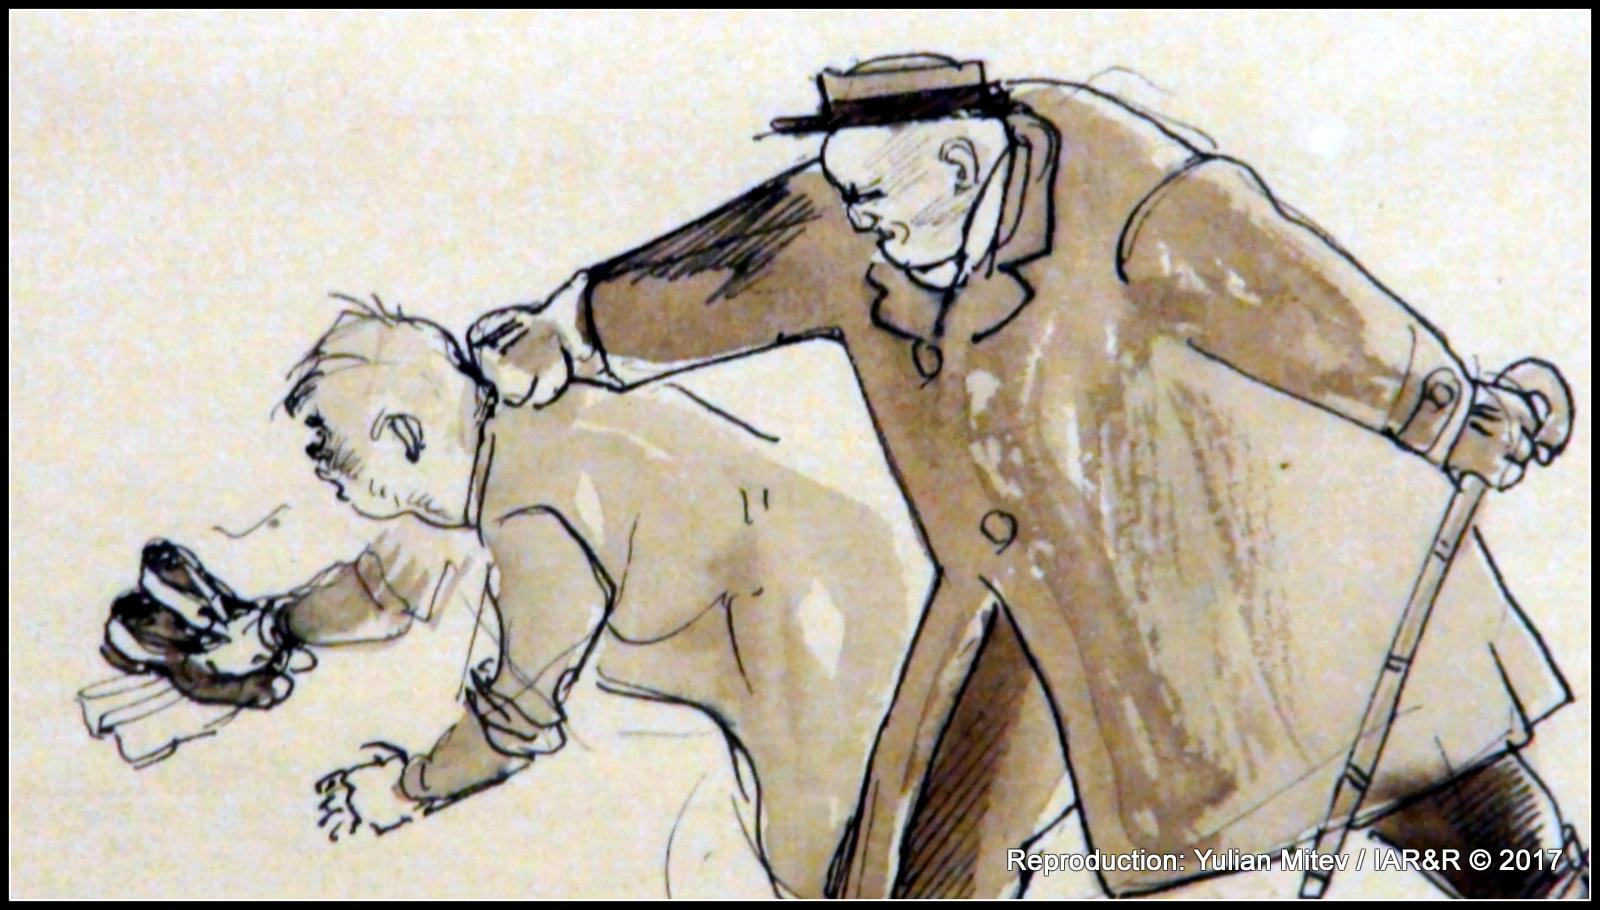 """ИЛИЯ ПЕТРОВ, Хумористична рисунка (фрагмент), молив, туш, лави, хартия, провенанс – фонд на Отделна експозиция """"Ем. Станев"""" при Великотърновския филиал на Националния литературен музей"""